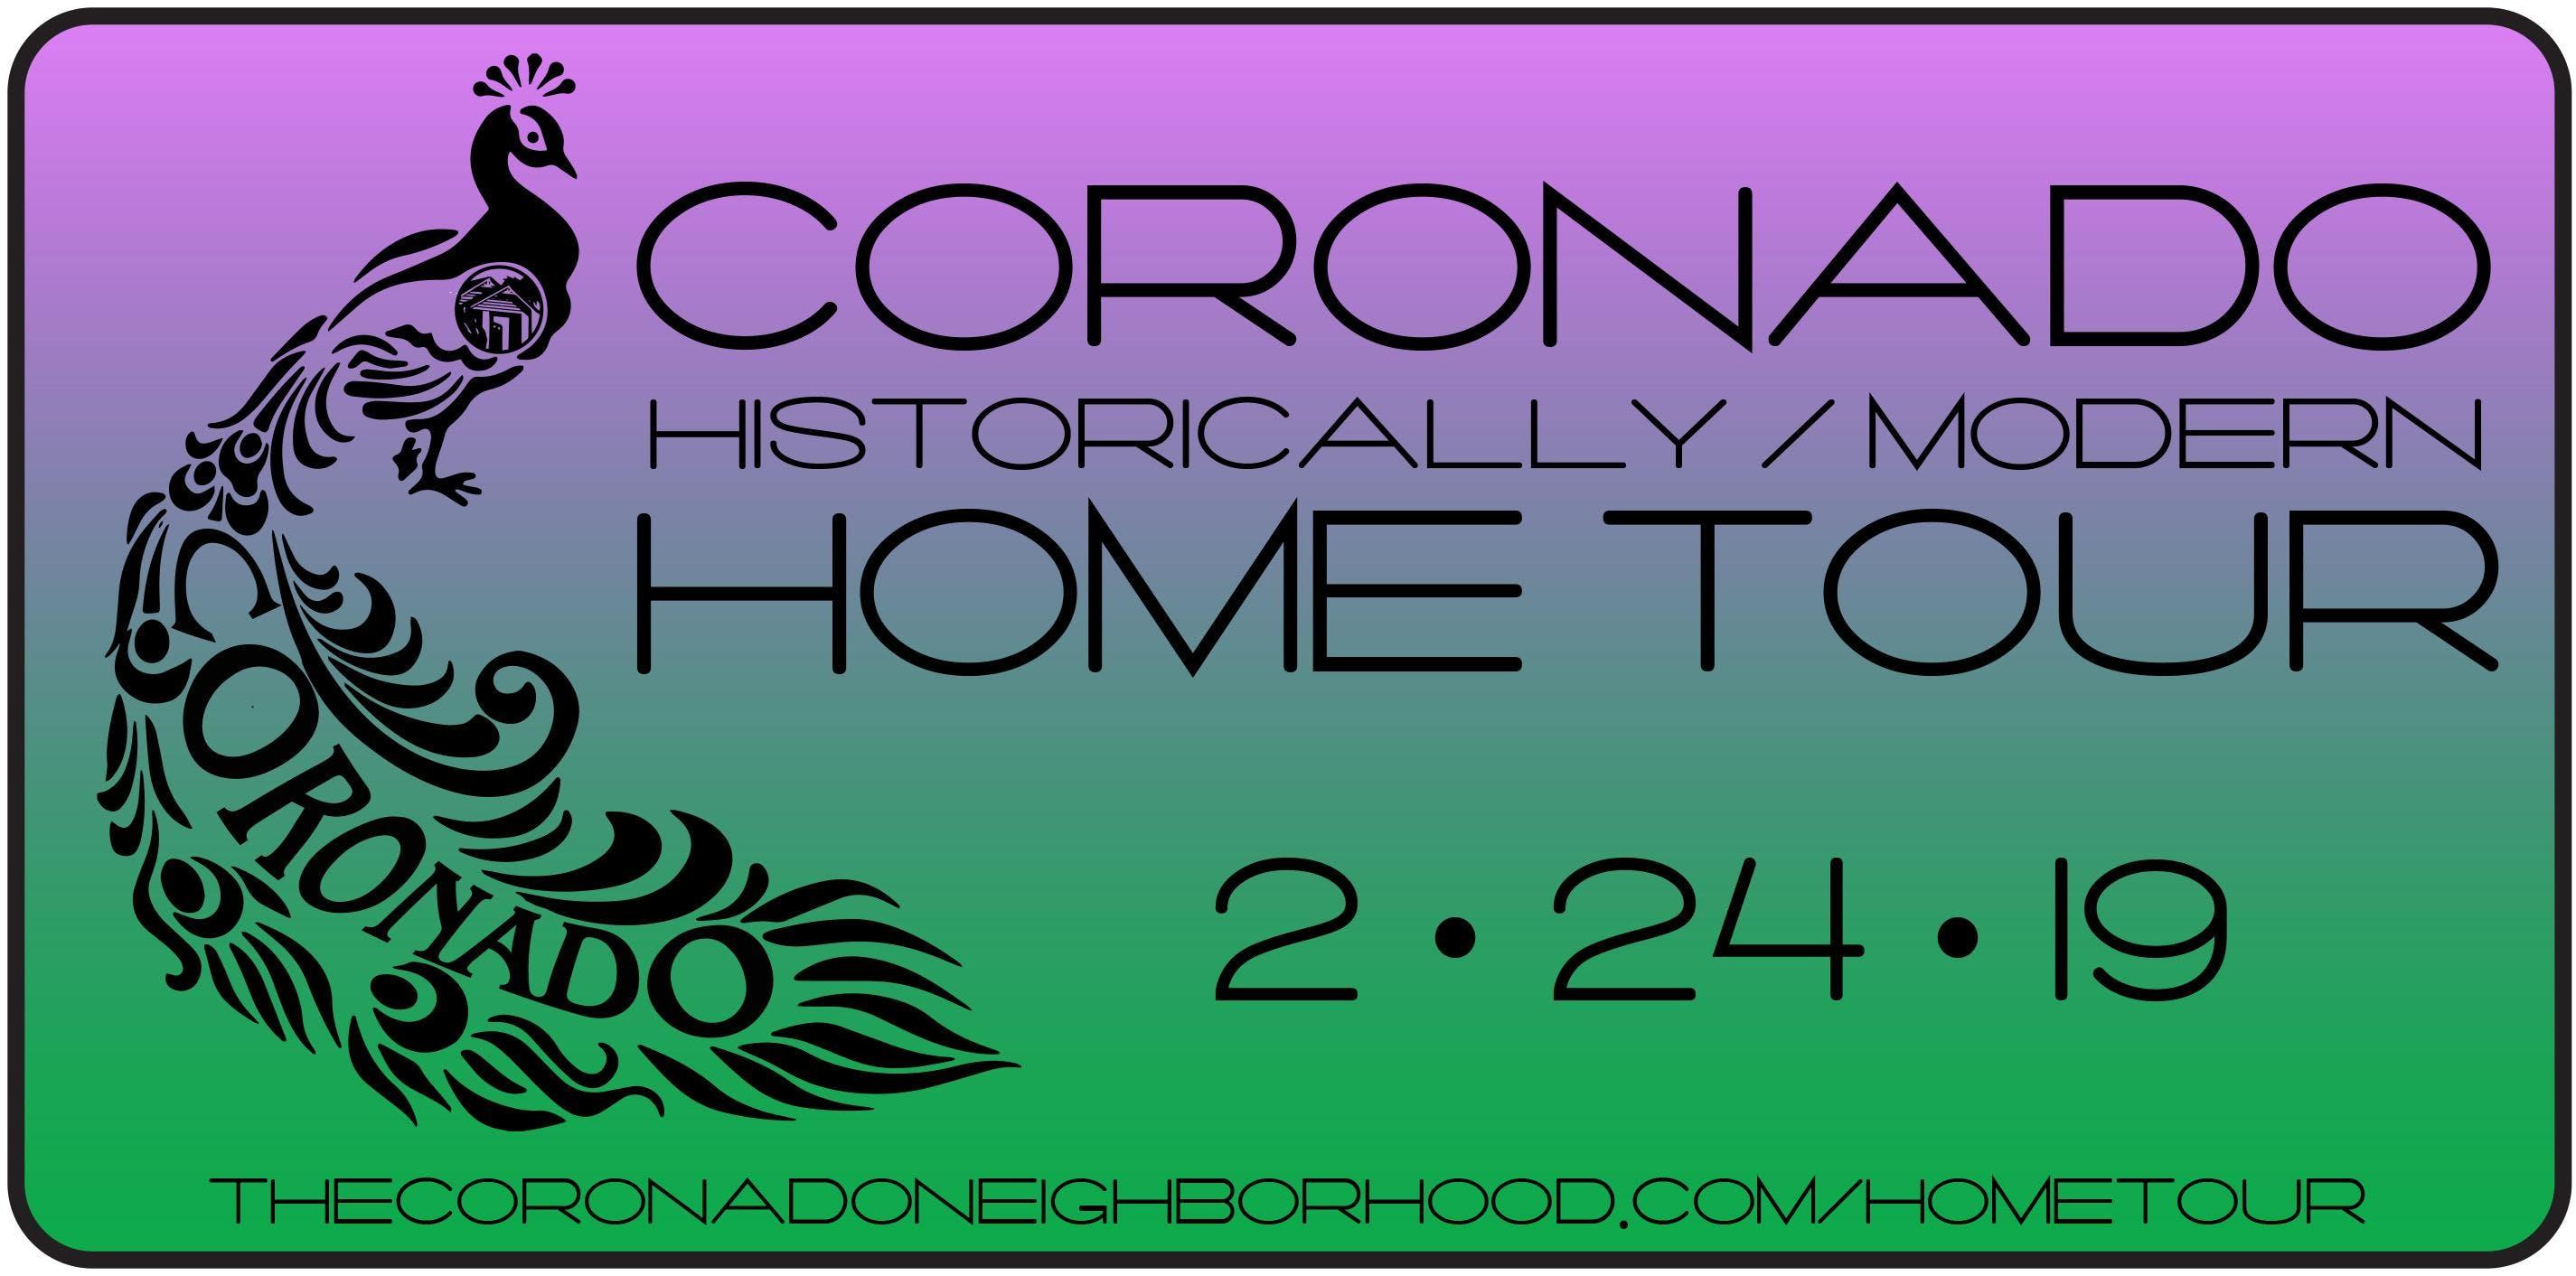 Coronado Historically Modern Home Tour & Street Fair